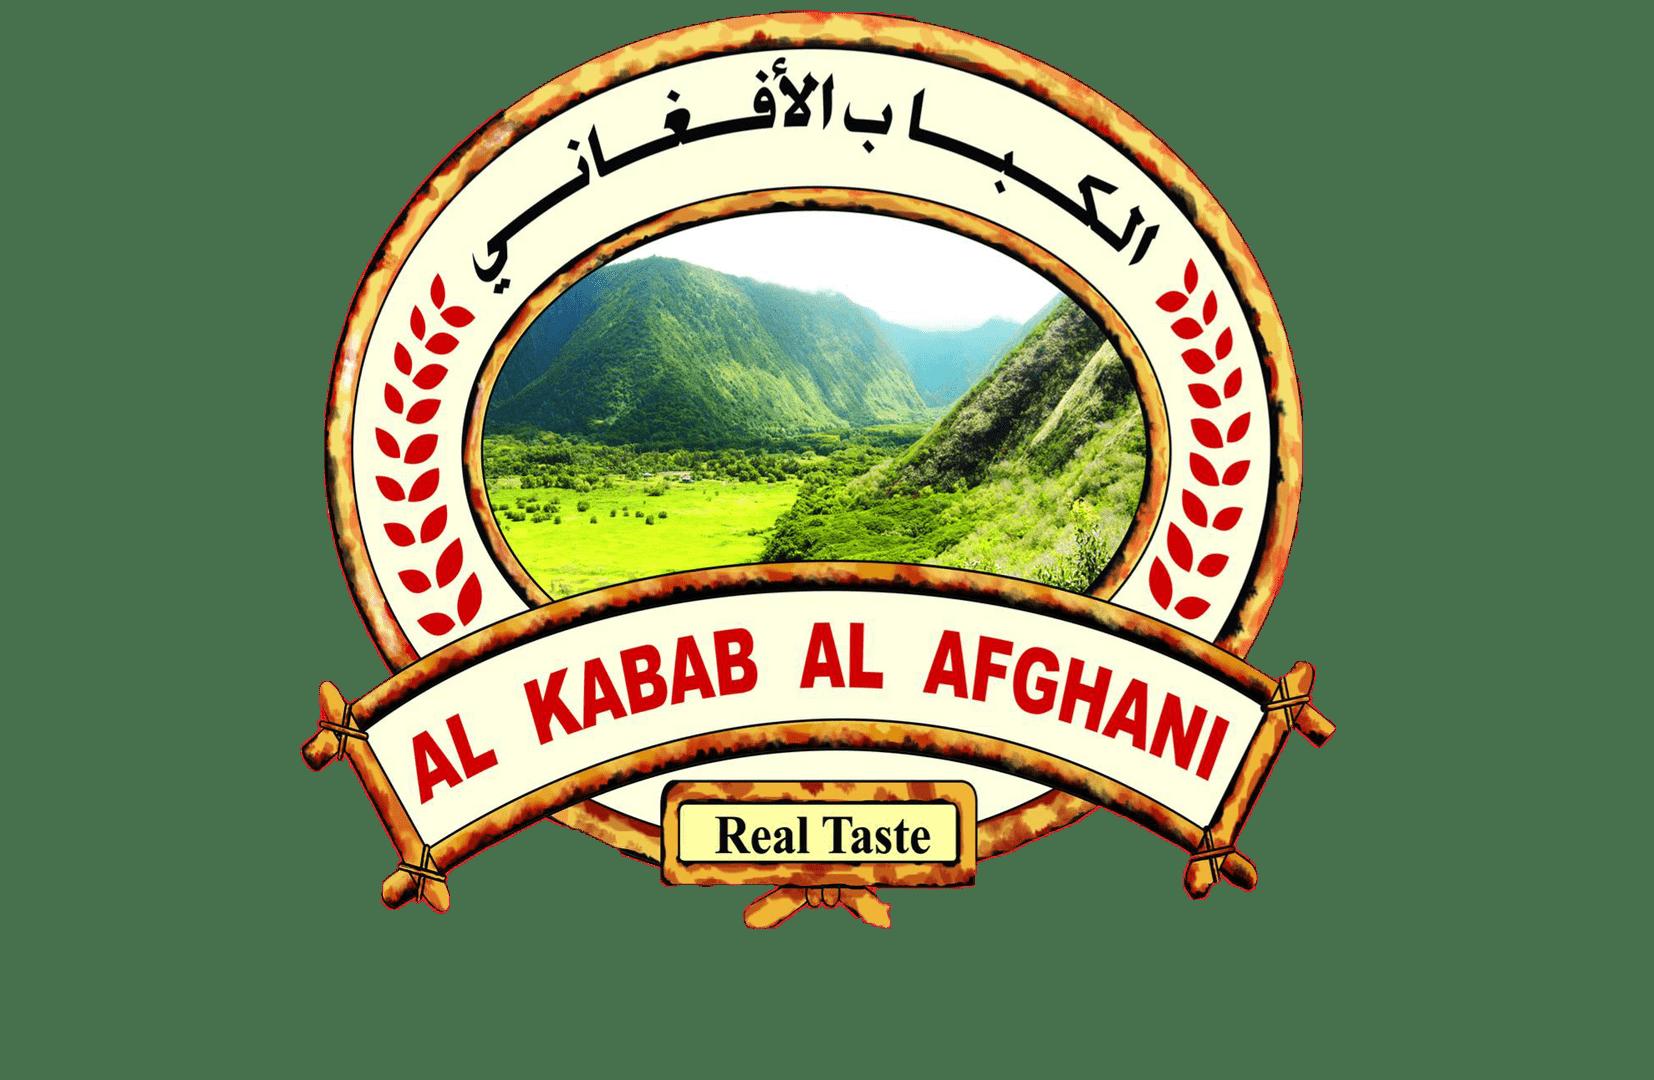 Al kabab al afghani image